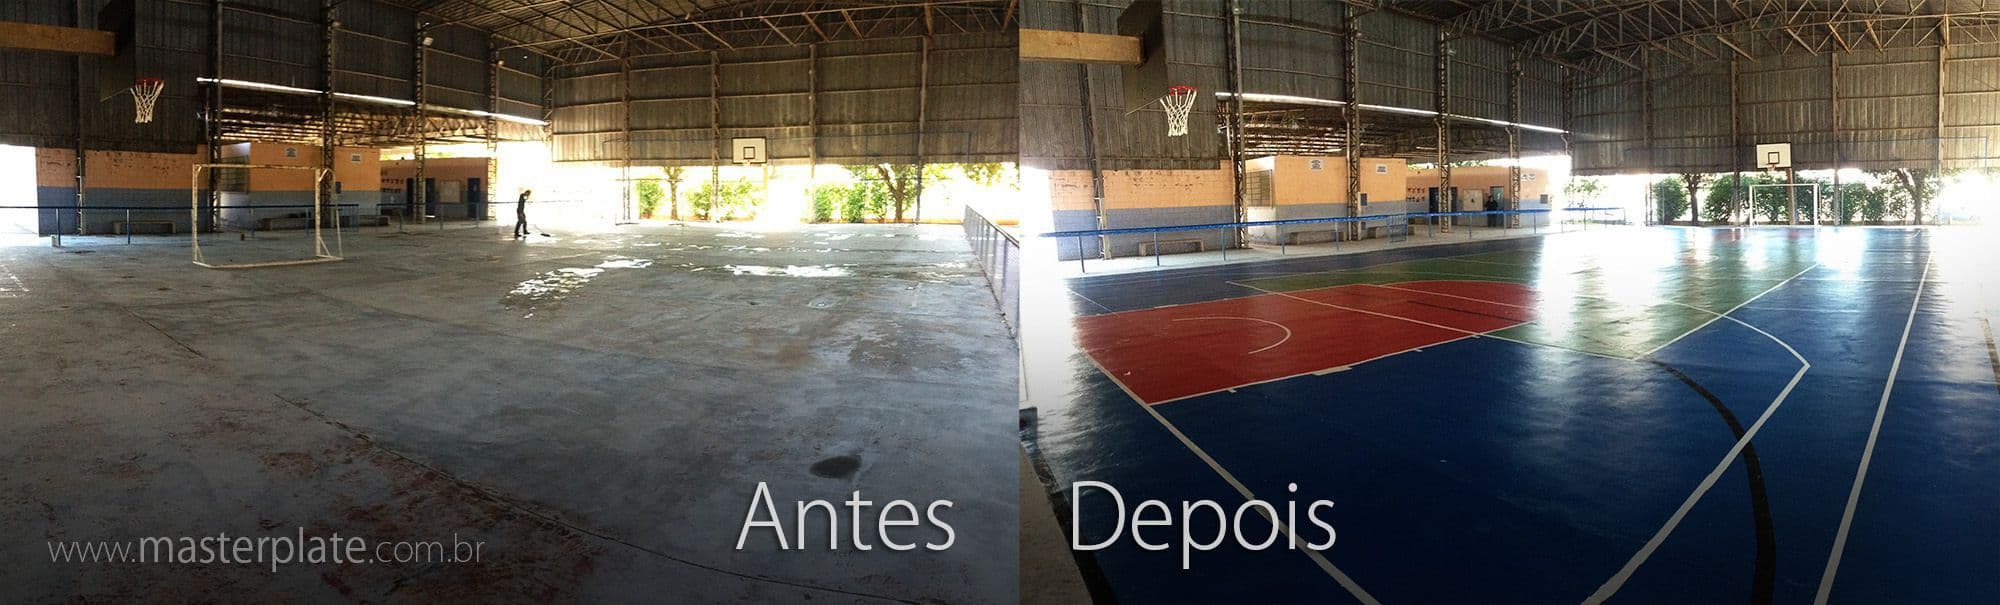 cdbb56657e Reforma de Quadra Poliesportiva